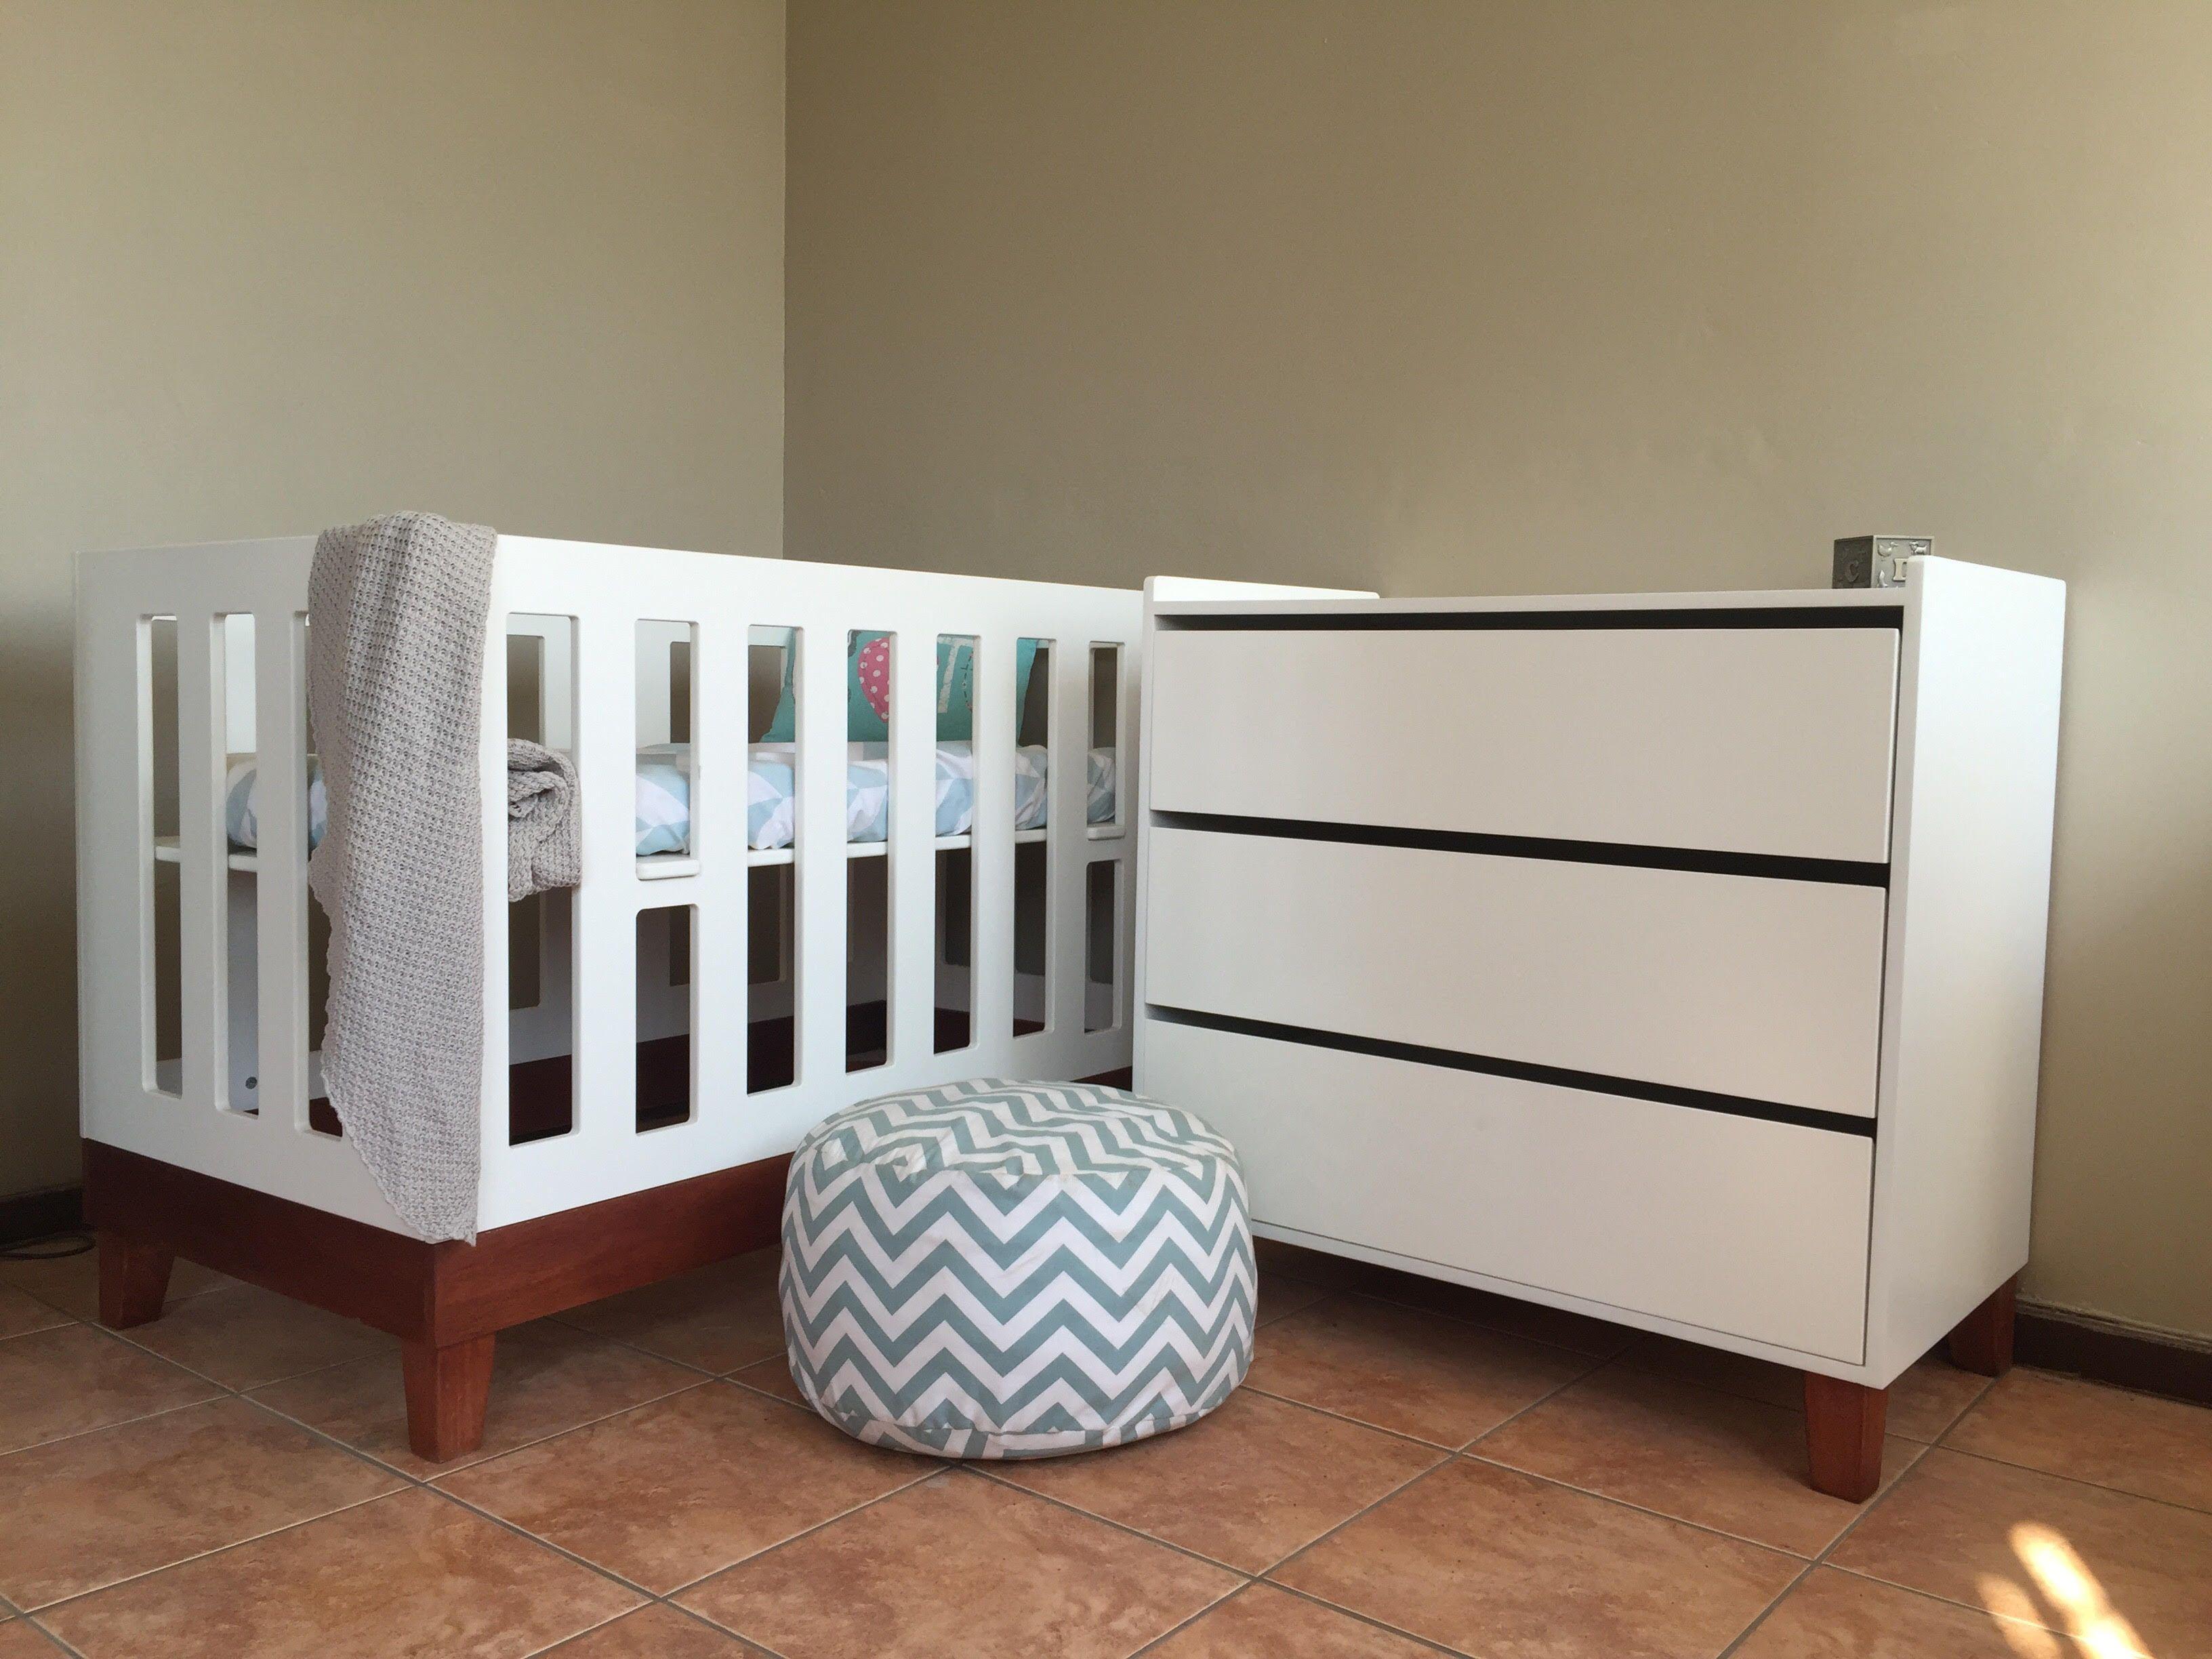 cozi stijl morgan compactum set oh baby pinterest cots